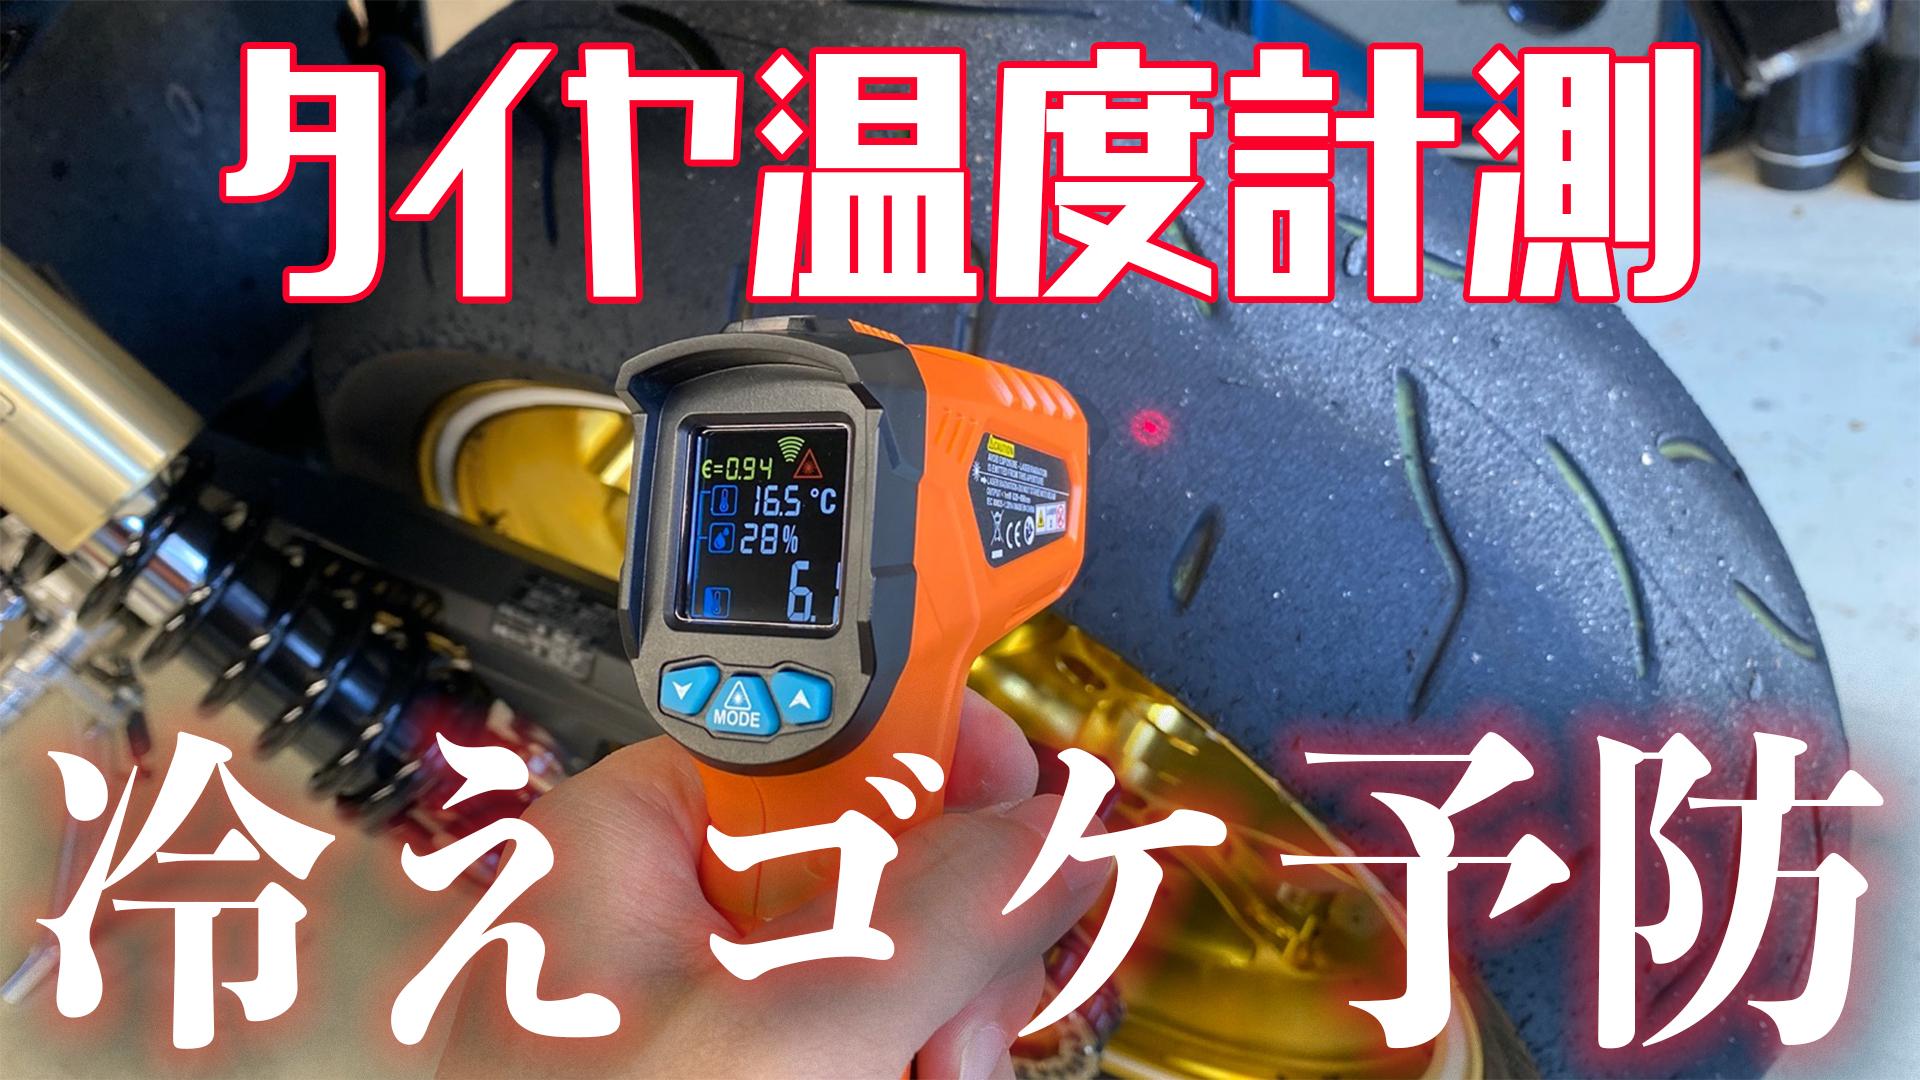 真冬のタイヤ温度を計測して冷えゴケ予防